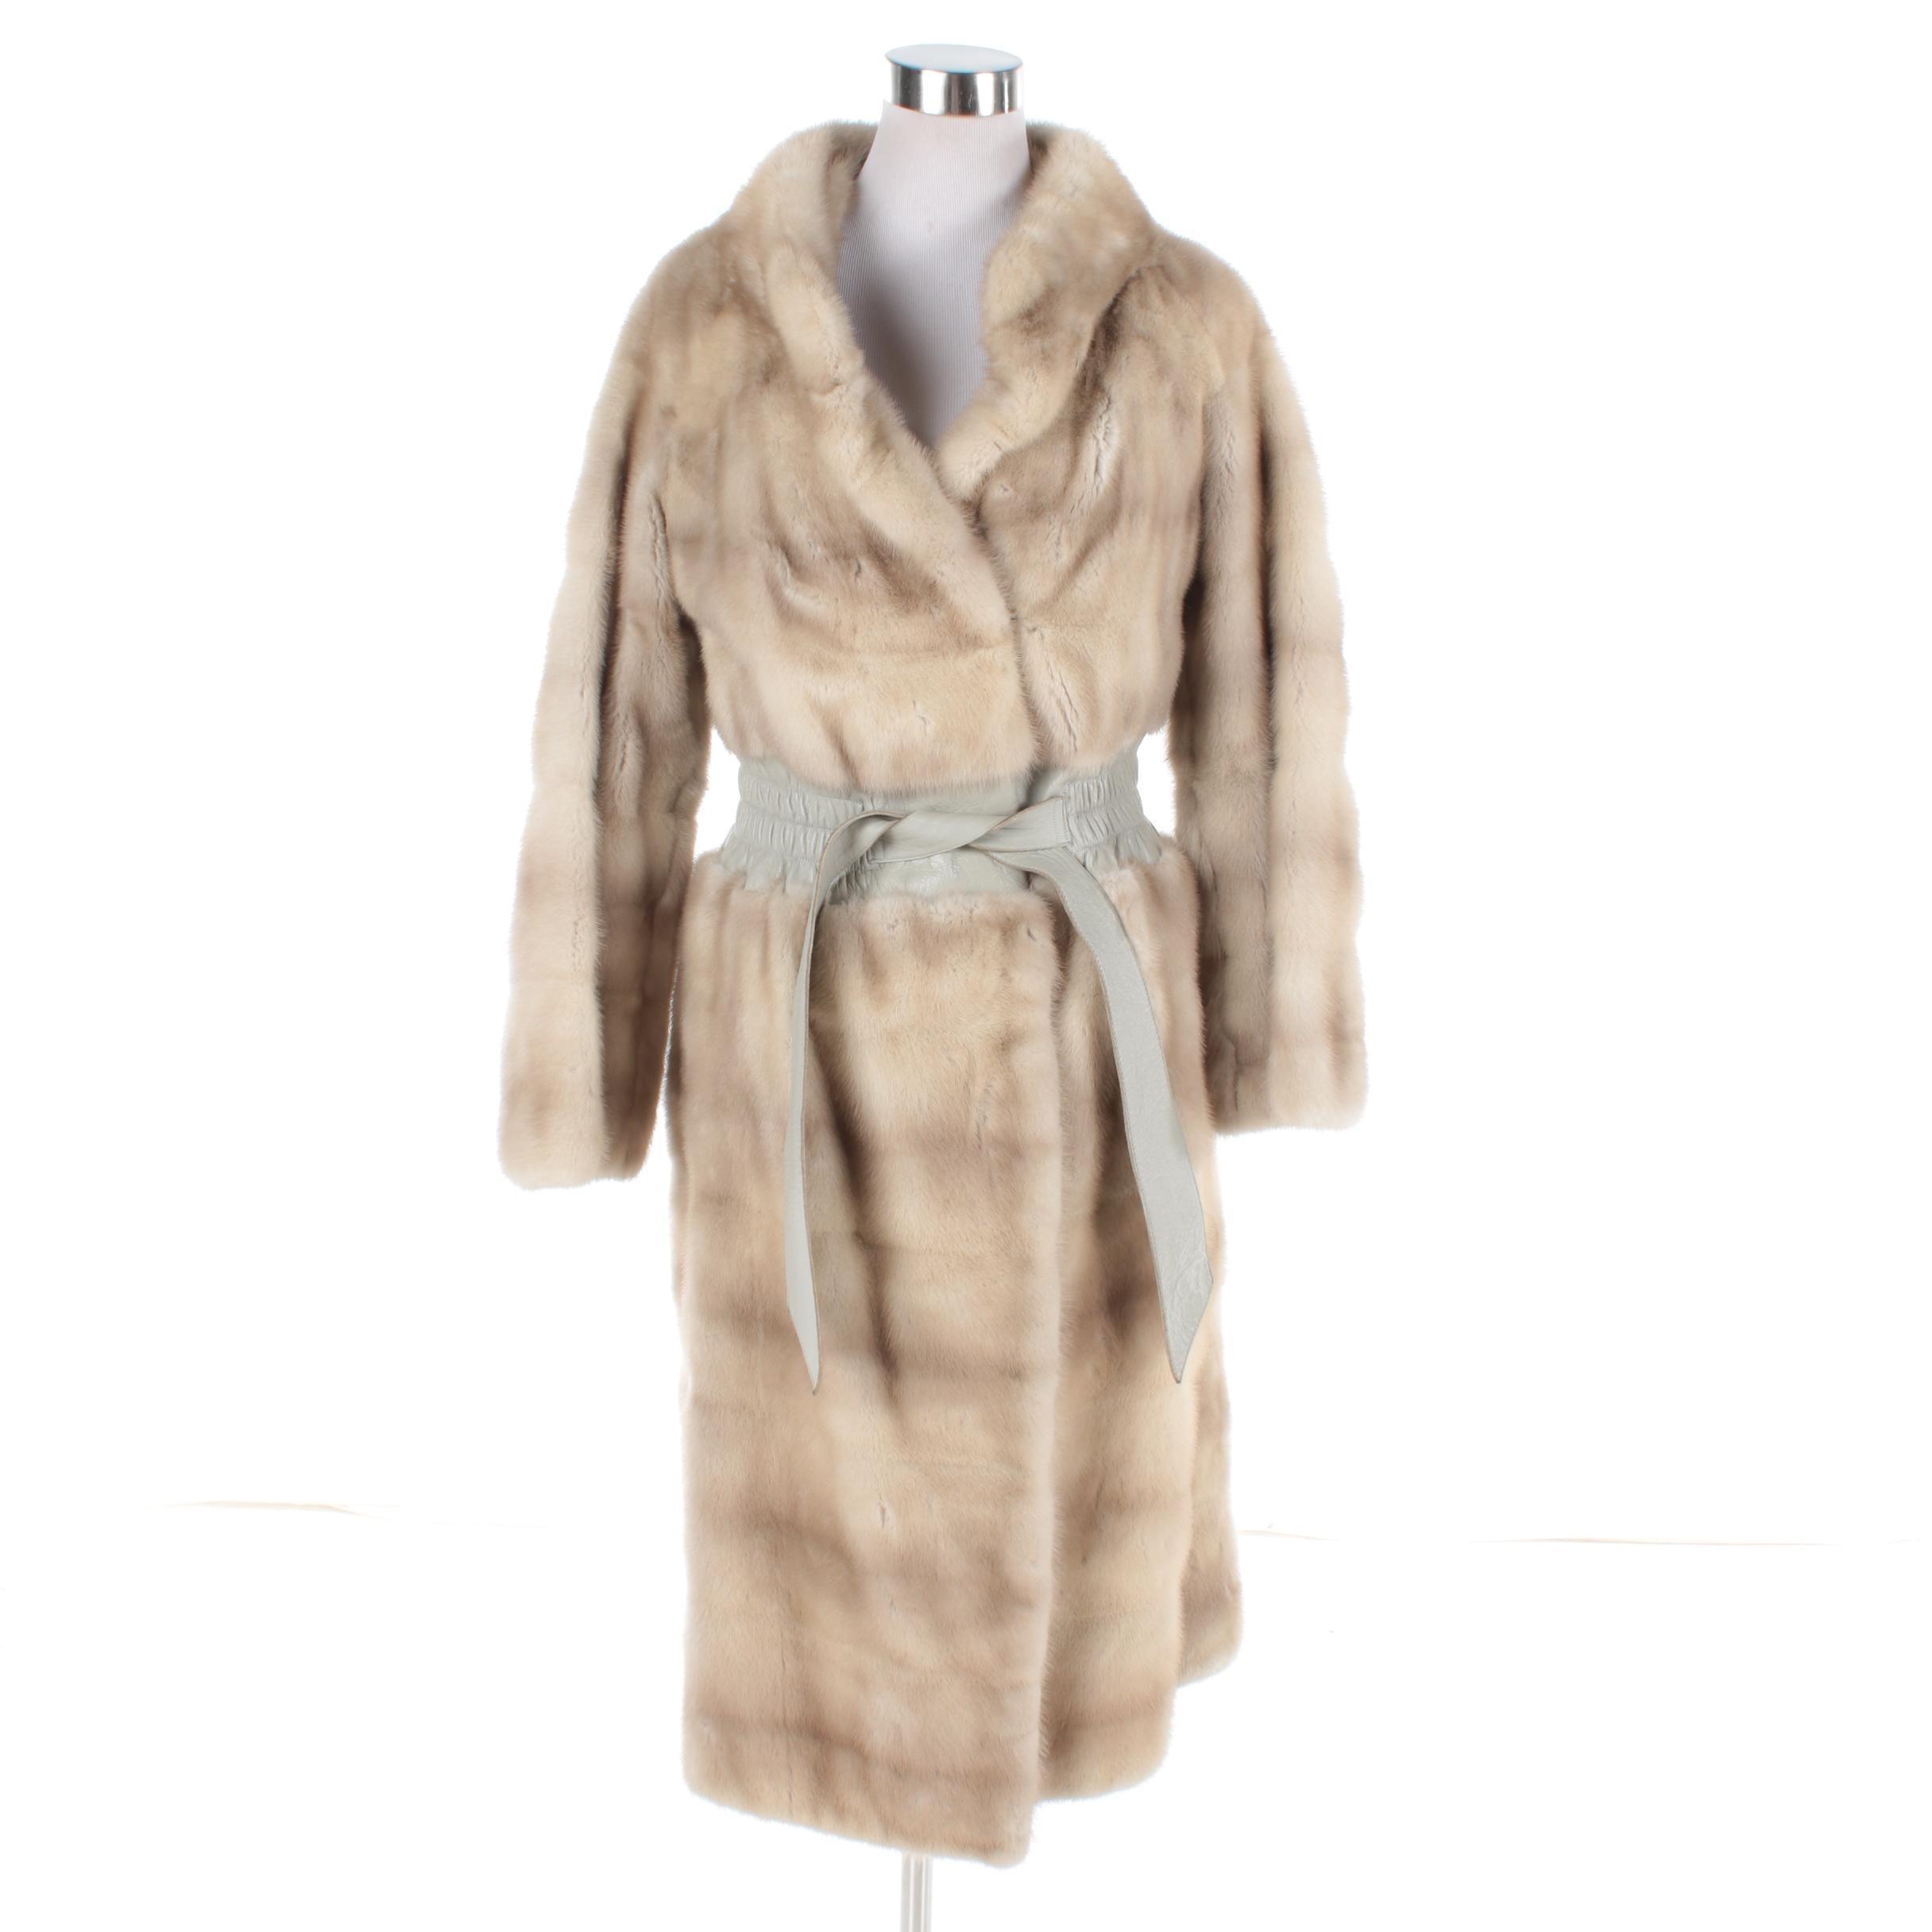 Women's Vintage Heinemann Pastel Mink Fur Coat